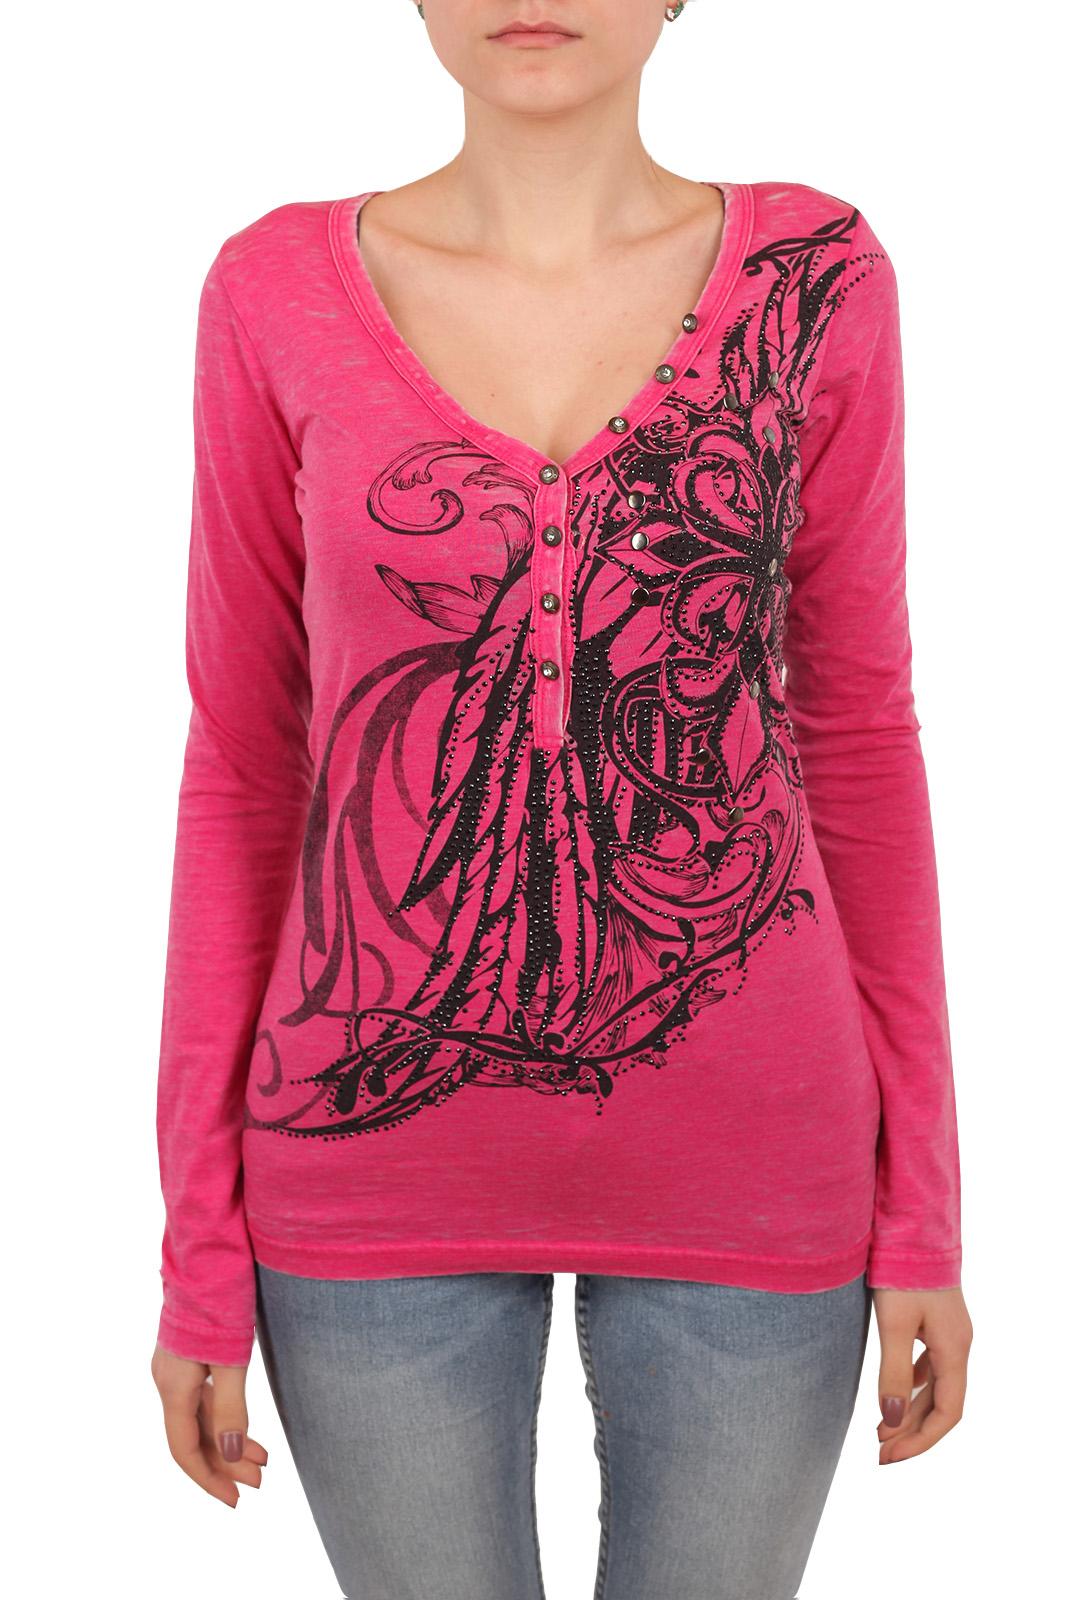 Недорогая женская кофточка розового цвета